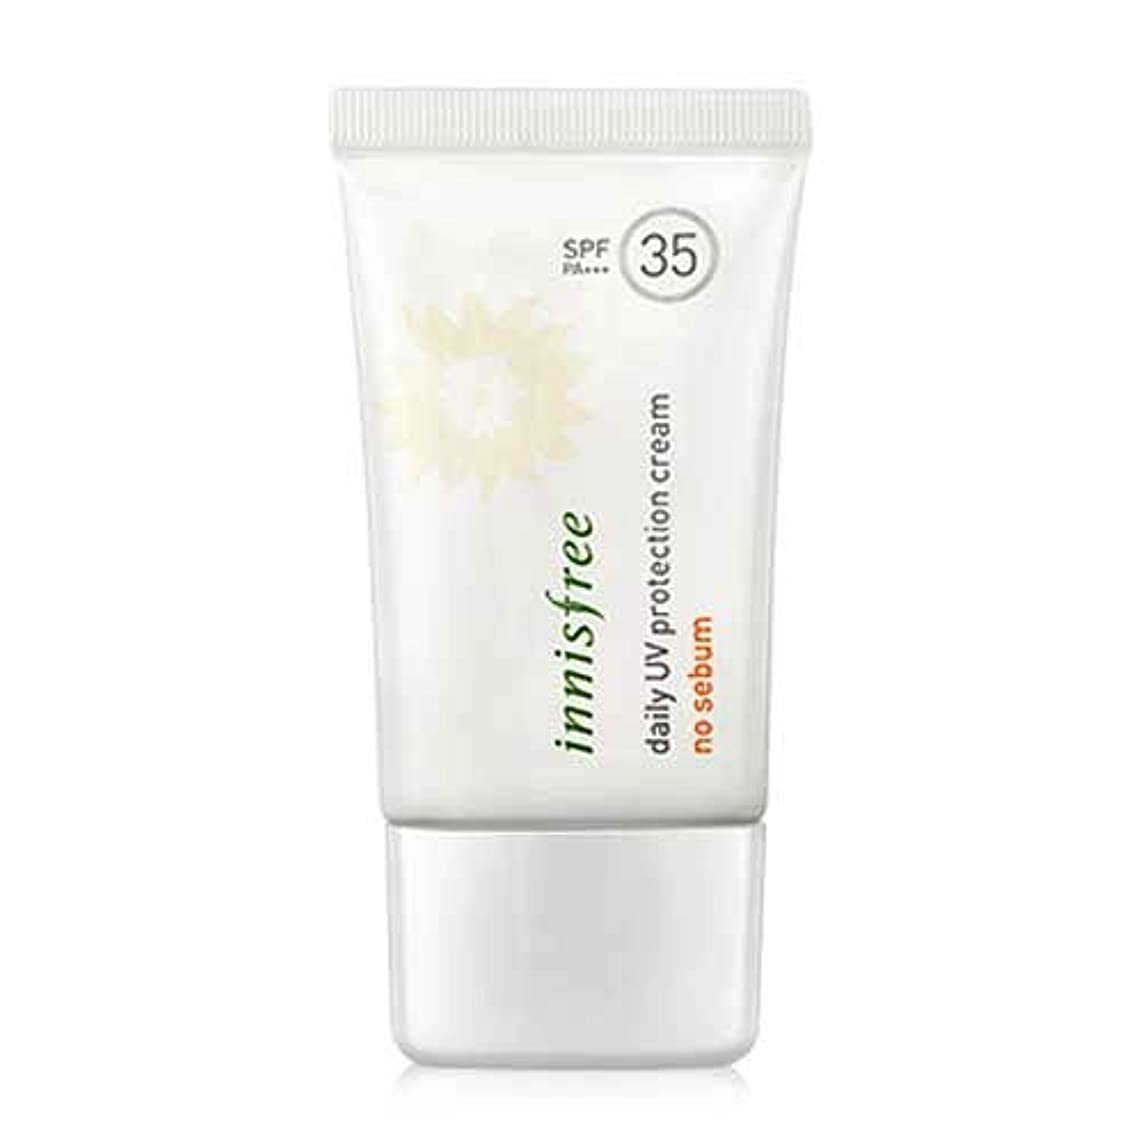 思慮深い鳴らす陸軍(3 Pack) INNISFREE Daily UV Protection Cream No Sebum SPF35 PA+++ (並行輸入品)